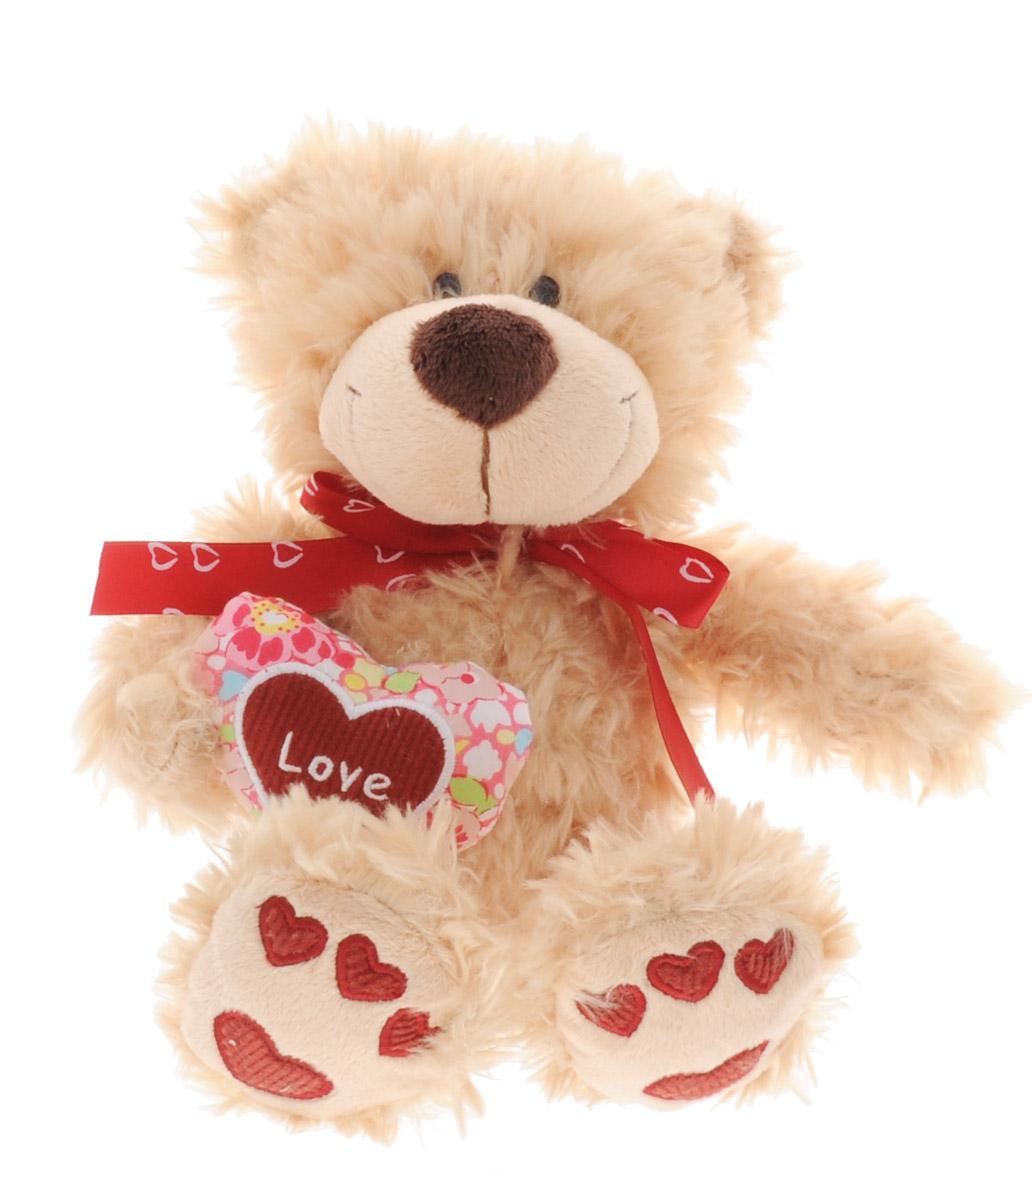 Sonata Style Мягкая игрушка Медведь Влюбленный 20 смGT8306Очаровательная мягкая игрушка Sonata Style Медведь Влюбленный станет прекрасным подарком на любой праздник. Игрушка обладает очень милой мордочкой и мягкой шерсткой, а на лапках медвежонка изображены красные сердечки. В лапках медведь держит текстильное сердечко. Игрушка изготовлена из высококачественных материалов и абсолютно безвредна для здоровья детей.